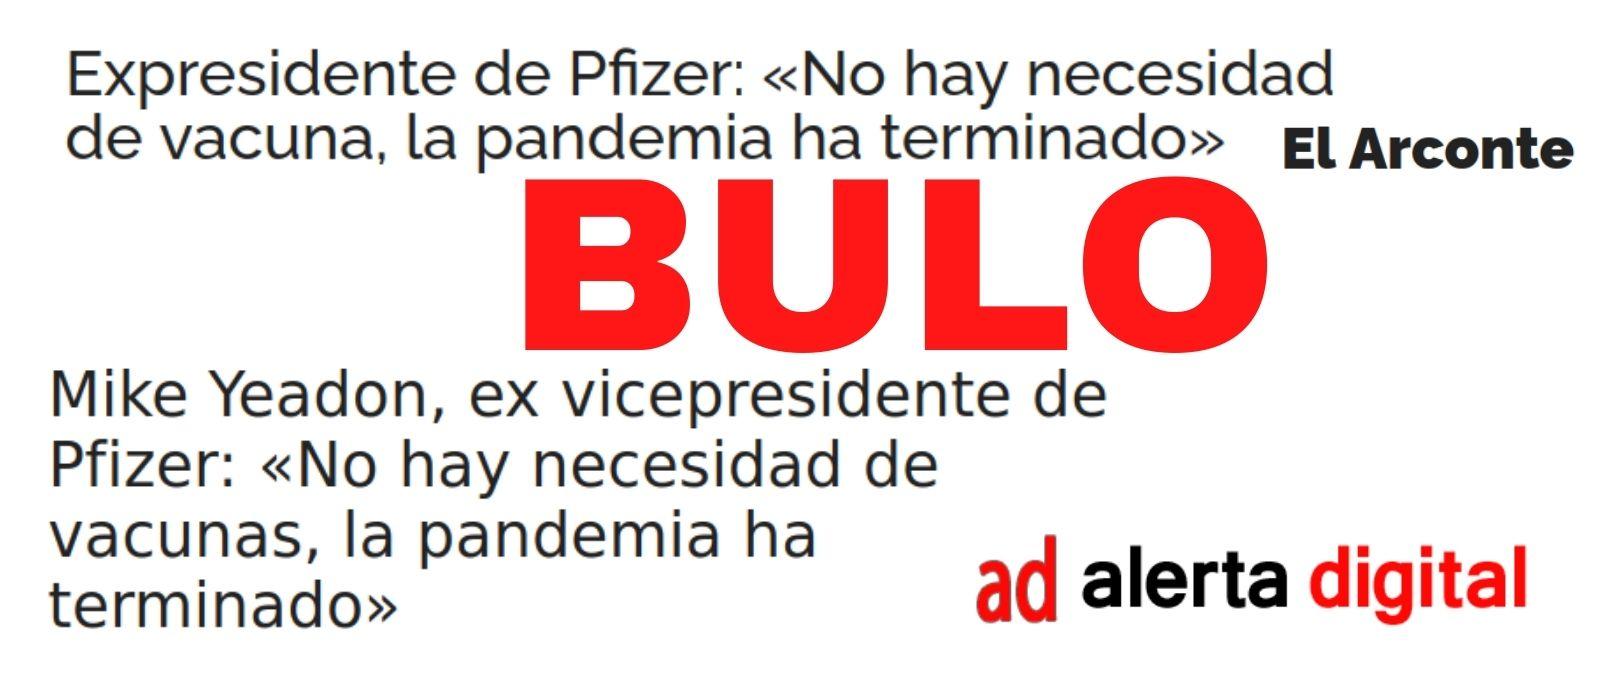 No, ni el expresidente ni el exvicepresidente de la farmacéutica Pfizer han dicho sobre el coronavirus que 'no hay necesidad de vacuna, la pandemia ha terminado'